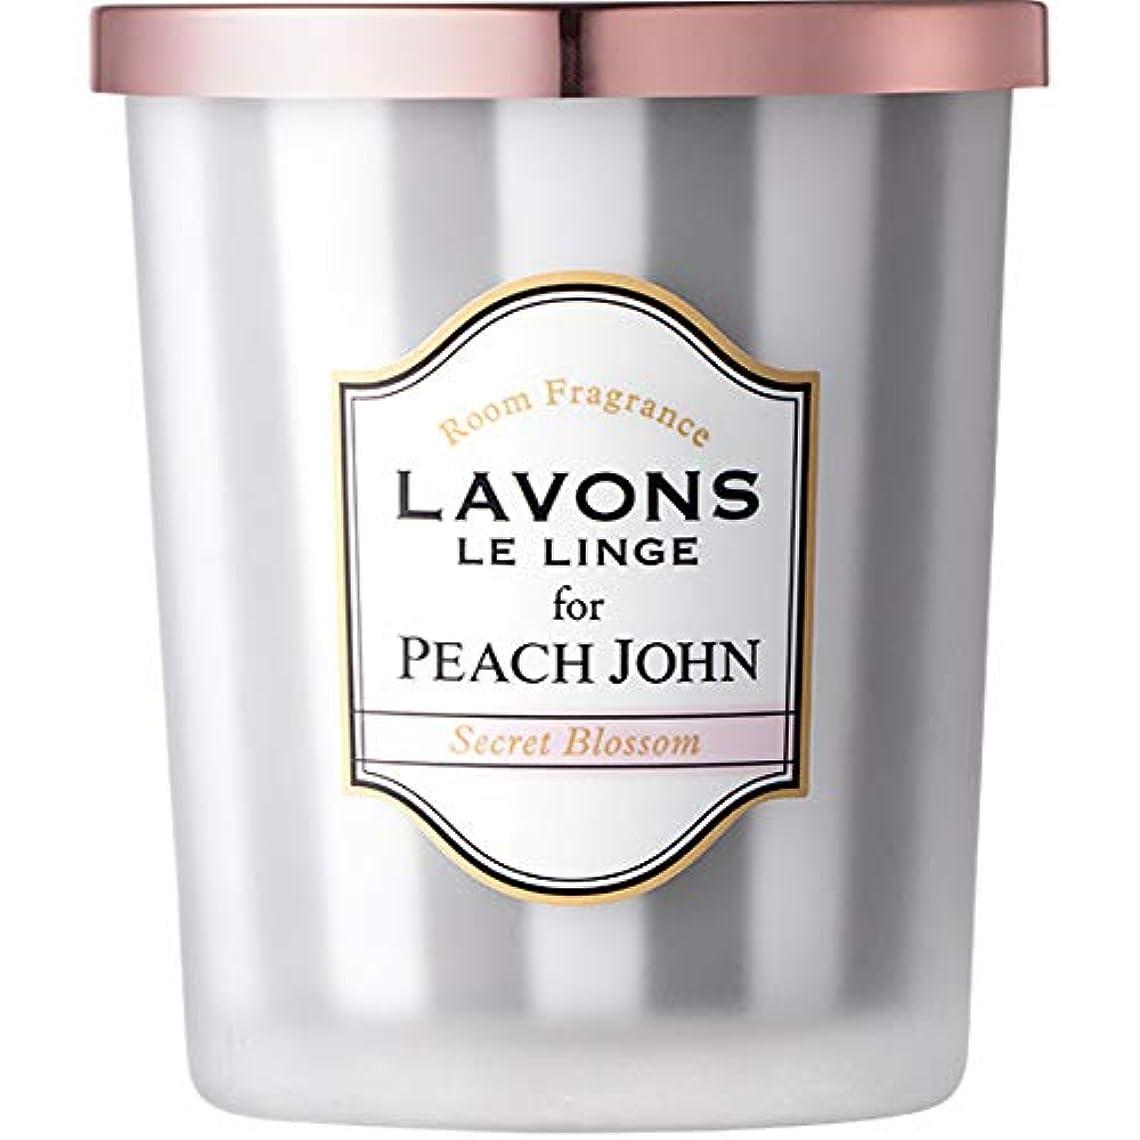 枯渇無駄セメントラボン for PEACH JOHN 部屋用フレグランス シークレットブロッサムの香り 150g